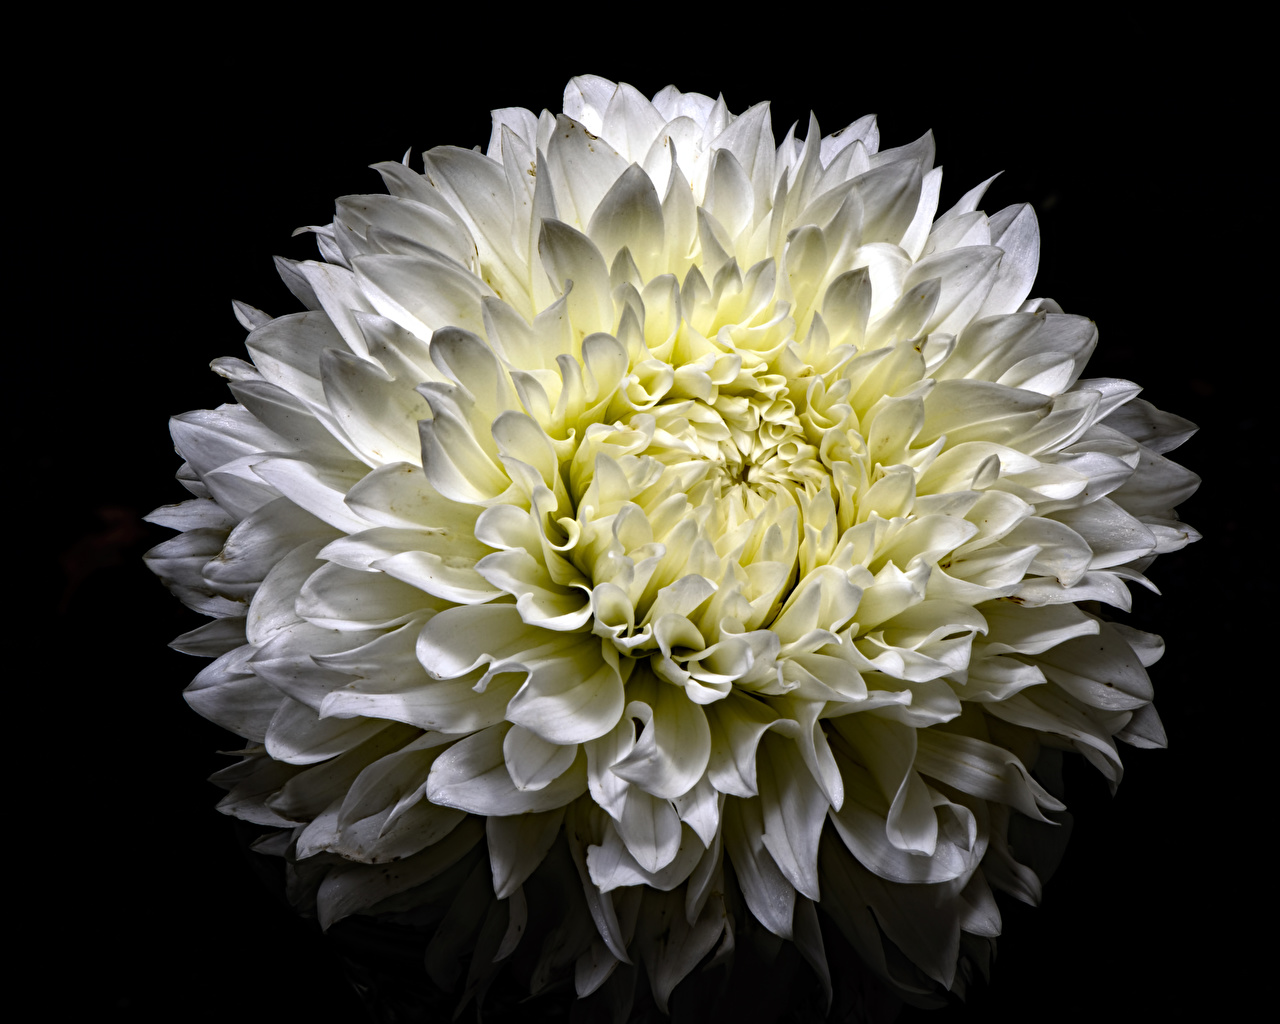 Картинки Белый Цветы Хризантемы Черный фон Крупным планом белых белые белая цветок вблизи на черном фоне